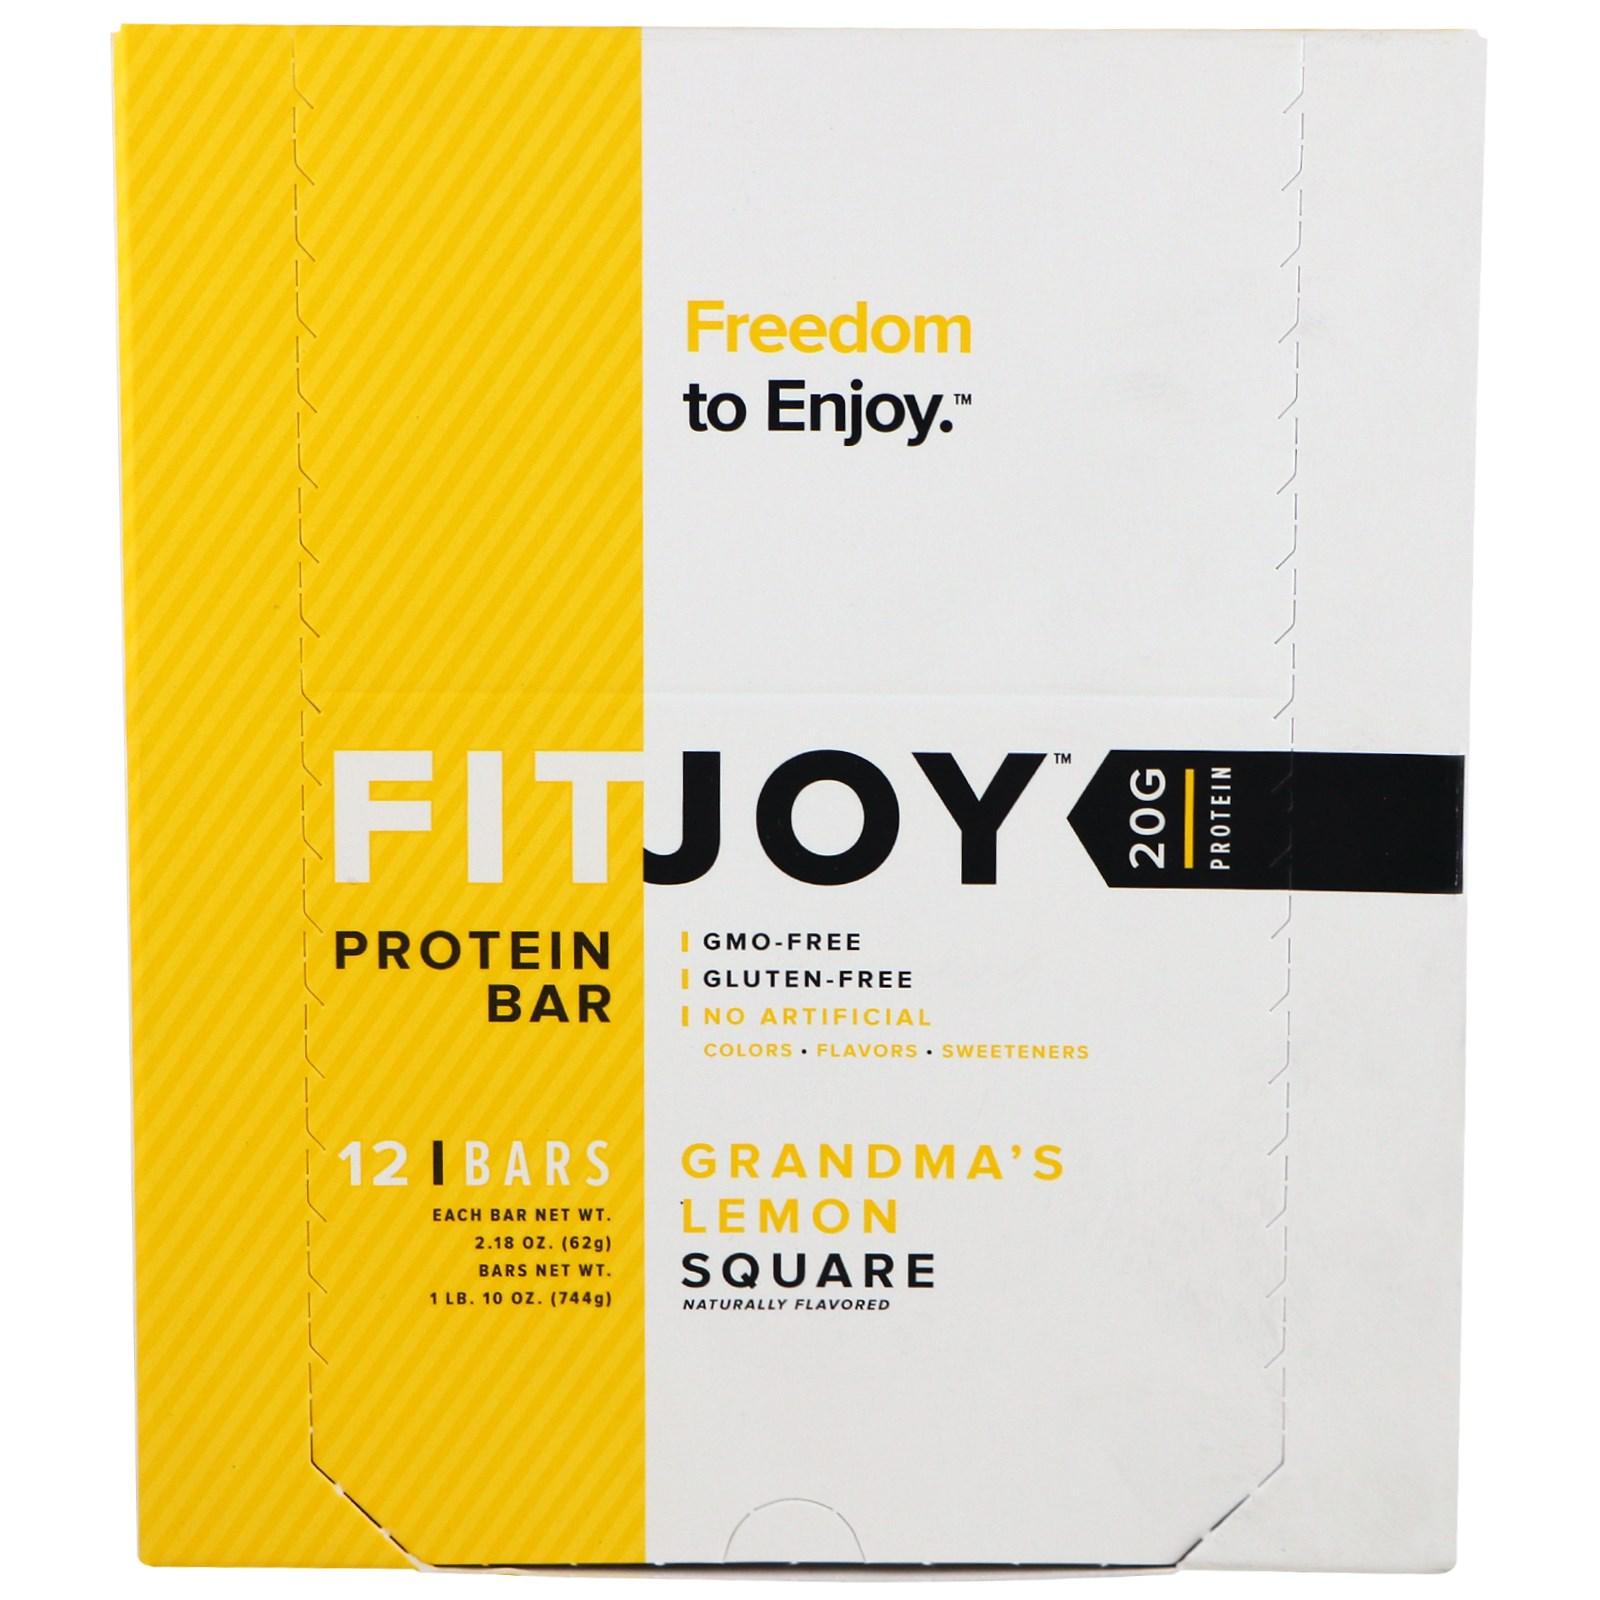 FITJOY, Протеиновый батончик, Бабушкин лимонный пирог, 12 батончиков, 2,18 унции (62 г) каждый